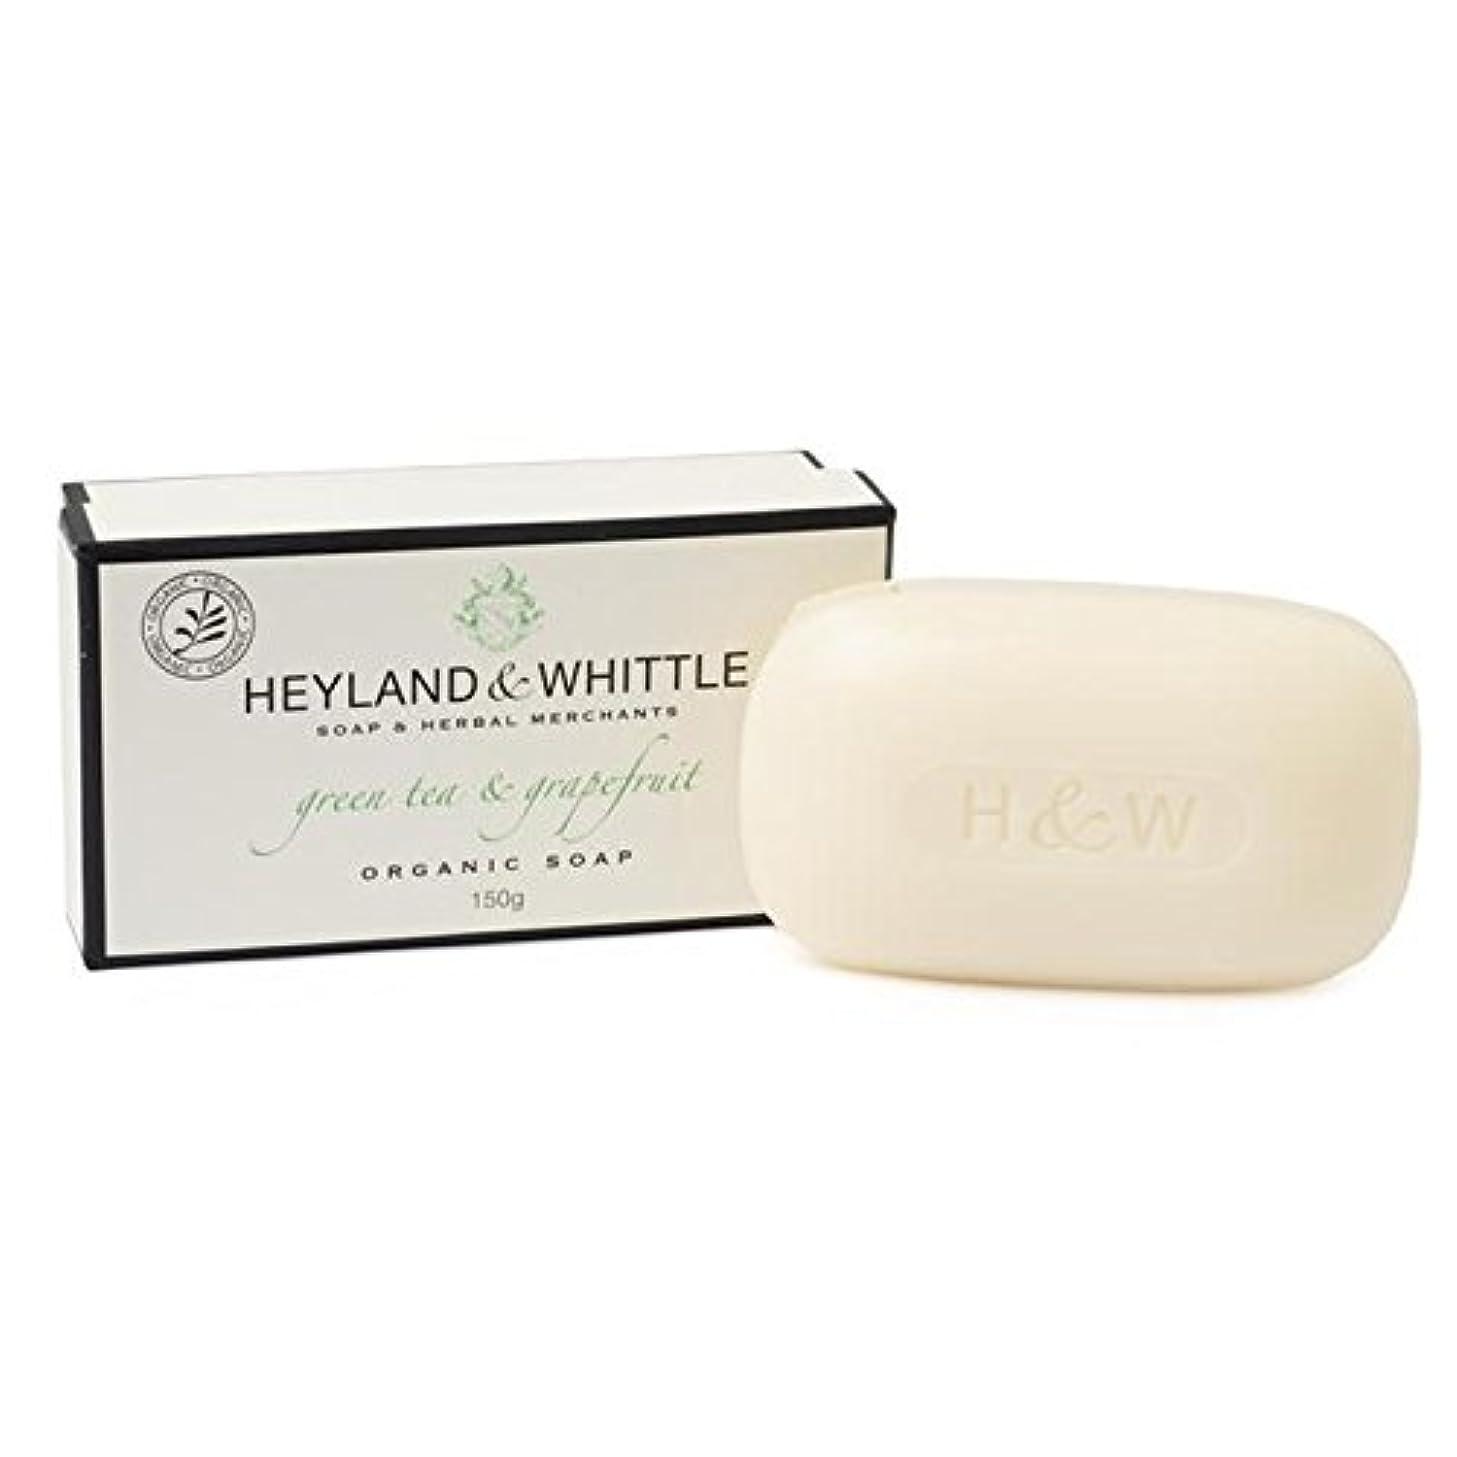 あえぎ不定誘うHeyland & Whittle Green Tea & Grapefruit Boxed Organic Soap 150g - &削る緑茶&グレープフルーツはオーガニックソープ150グラム箱入り [並行輸入品]